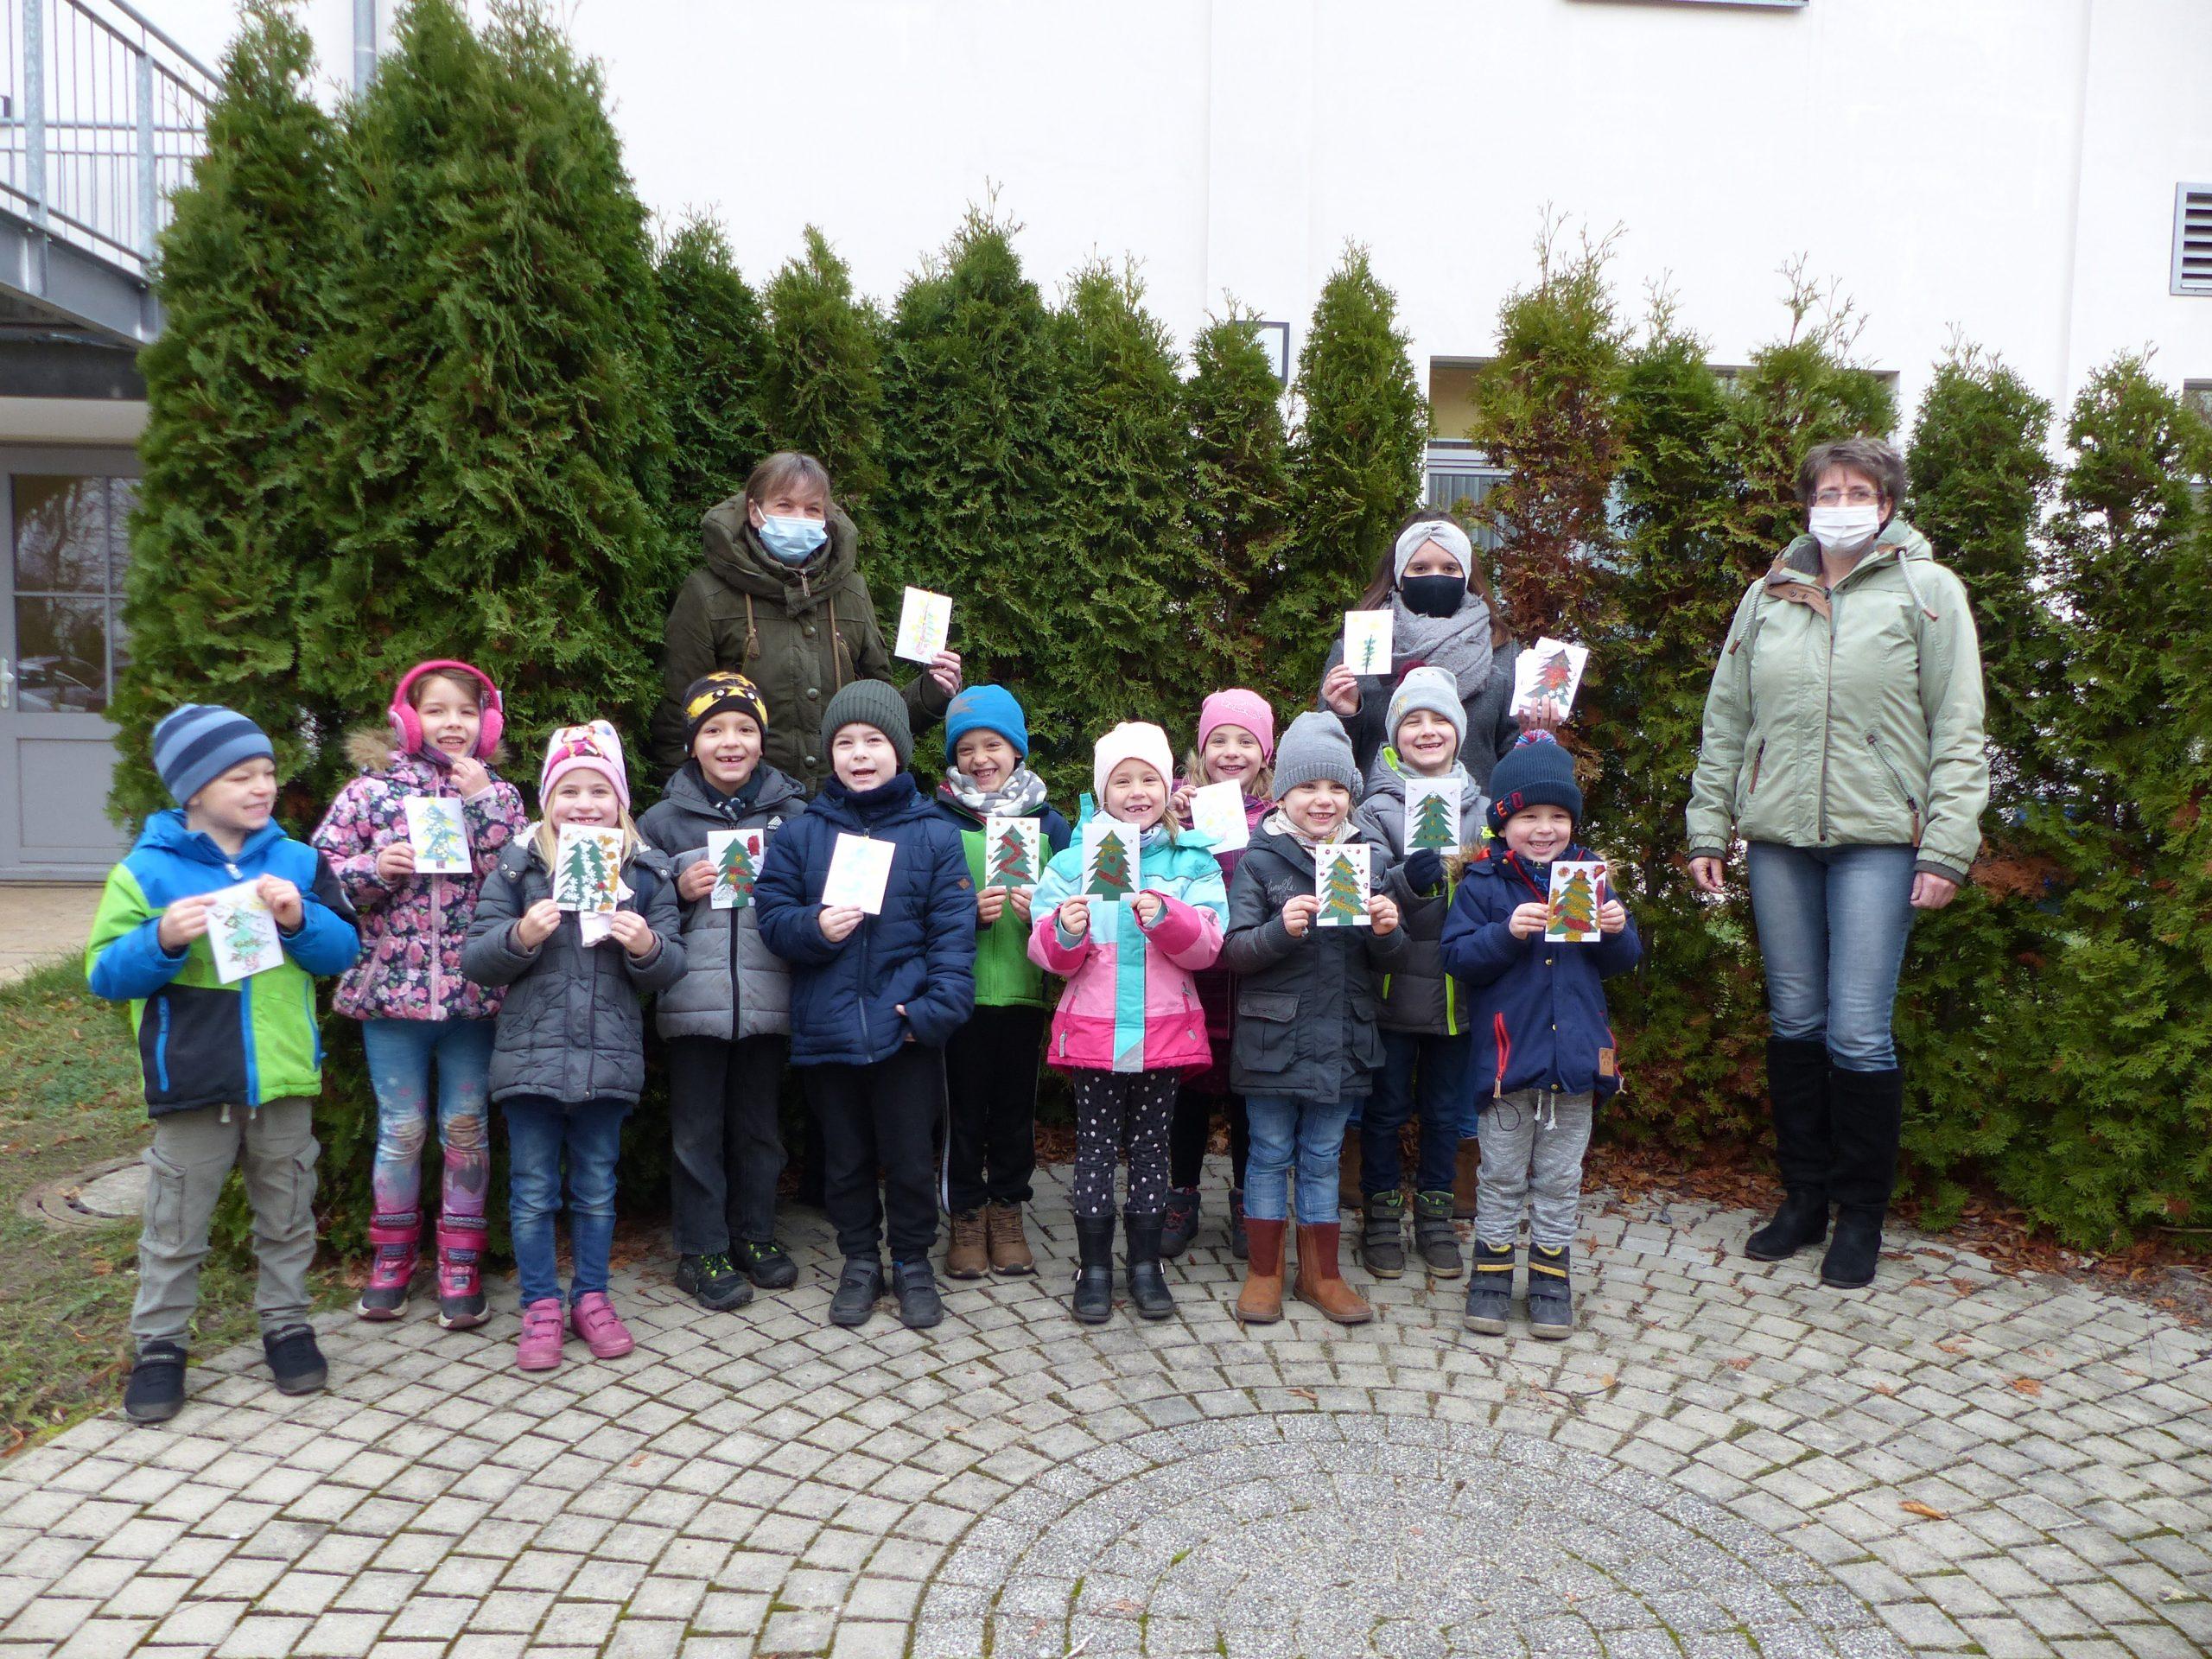 Kinder in Brandenburg a. d. Havel halten selbstgemalte Postkarten hoch